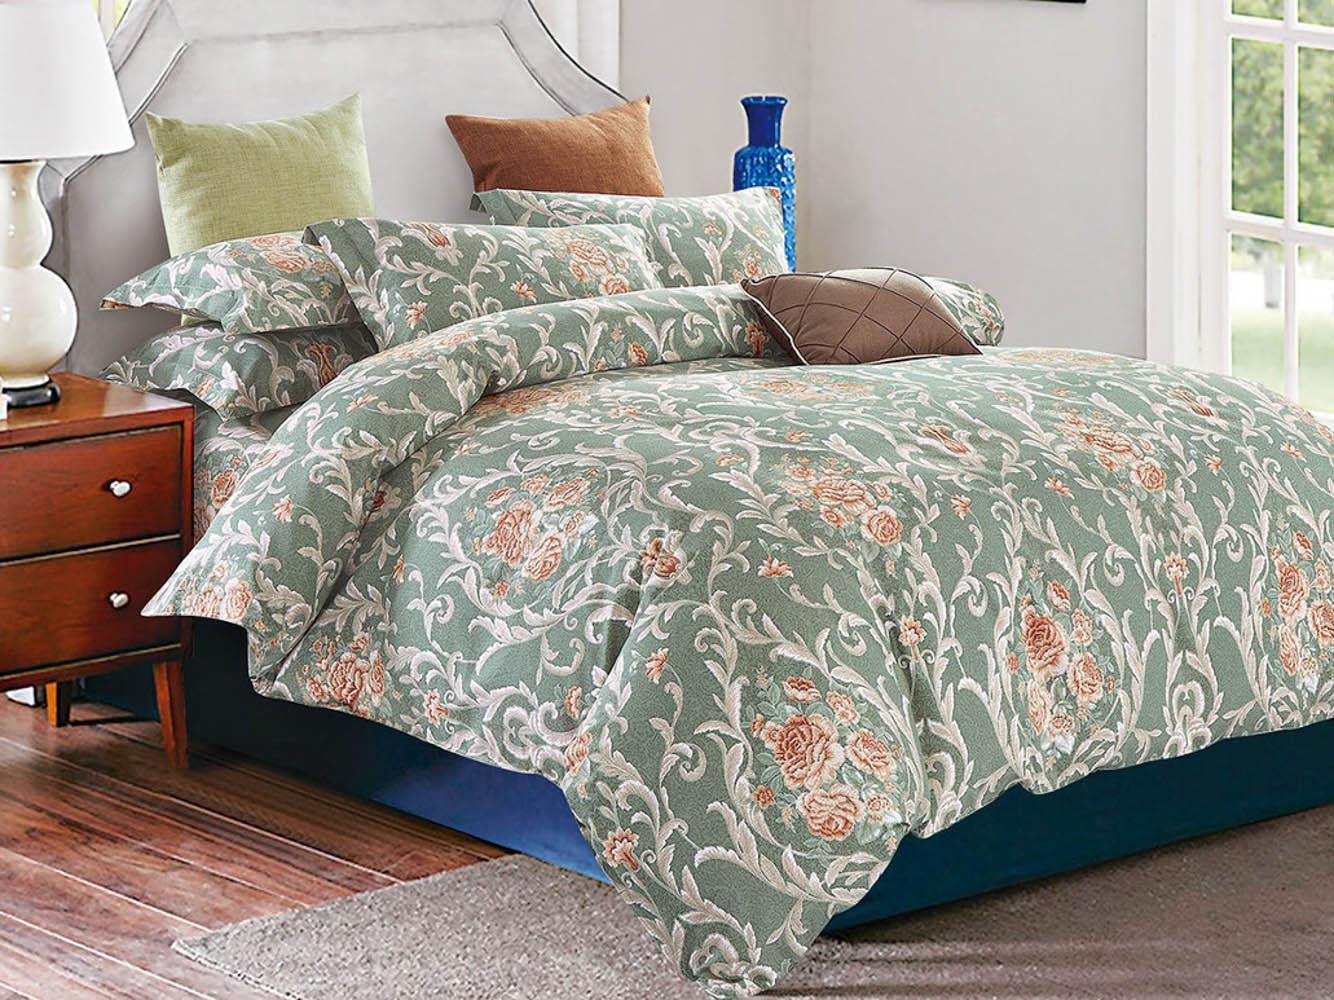 Купить Комплекты постельного белья Cleo, Постельное белье Rylee (2 спал.), Китай, Зеленый, Хлопковый сатин